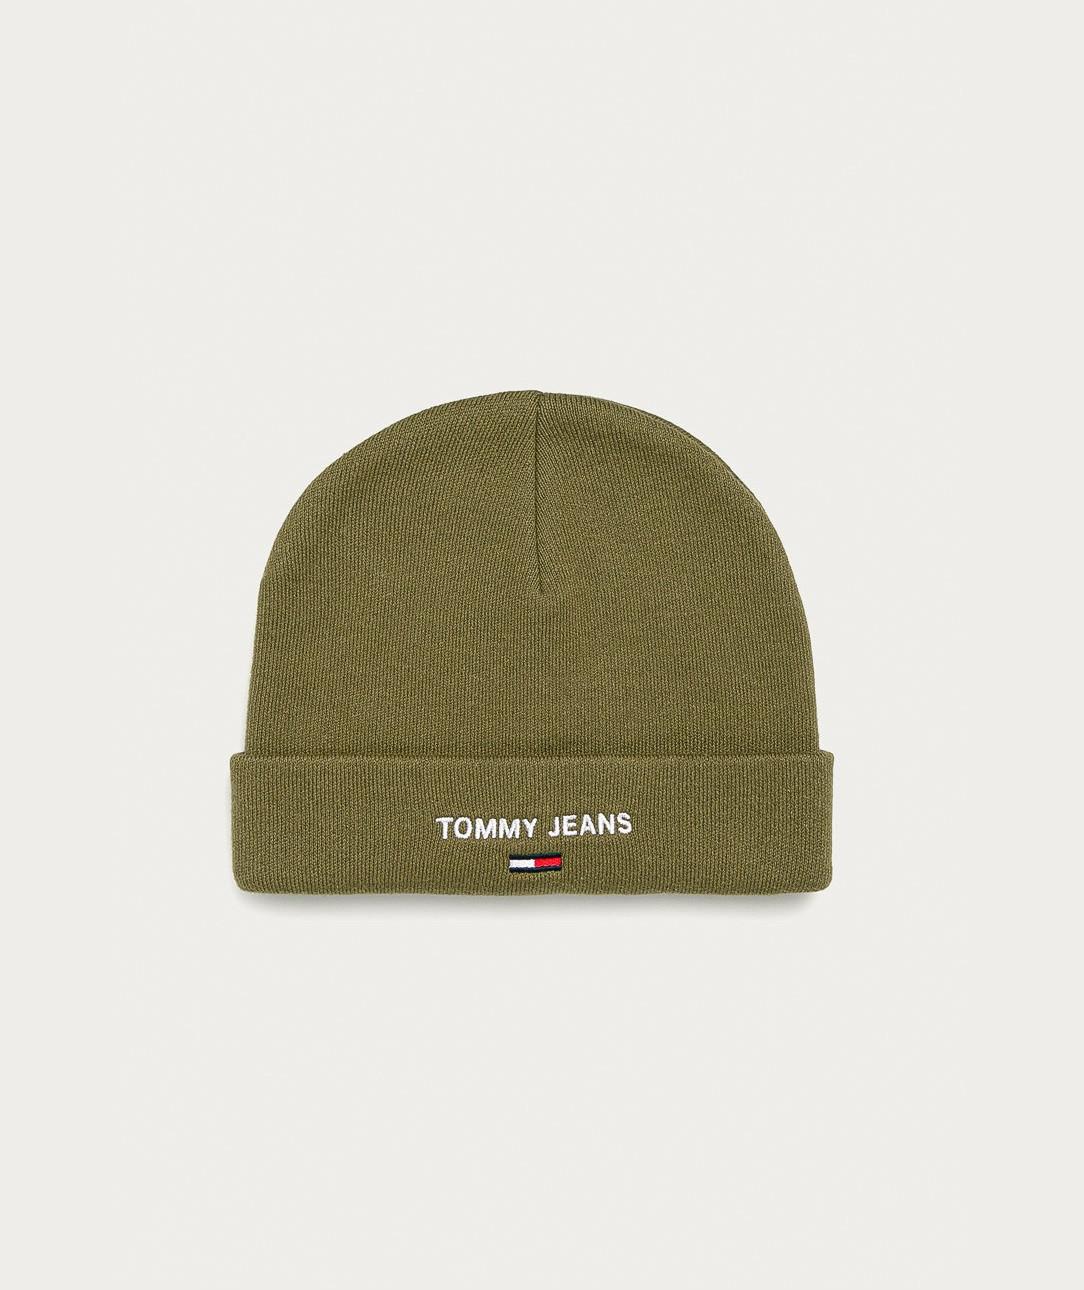 Tommy Hilfiger Tommy Jeans pánská olivová čepice SPORT BEANIE